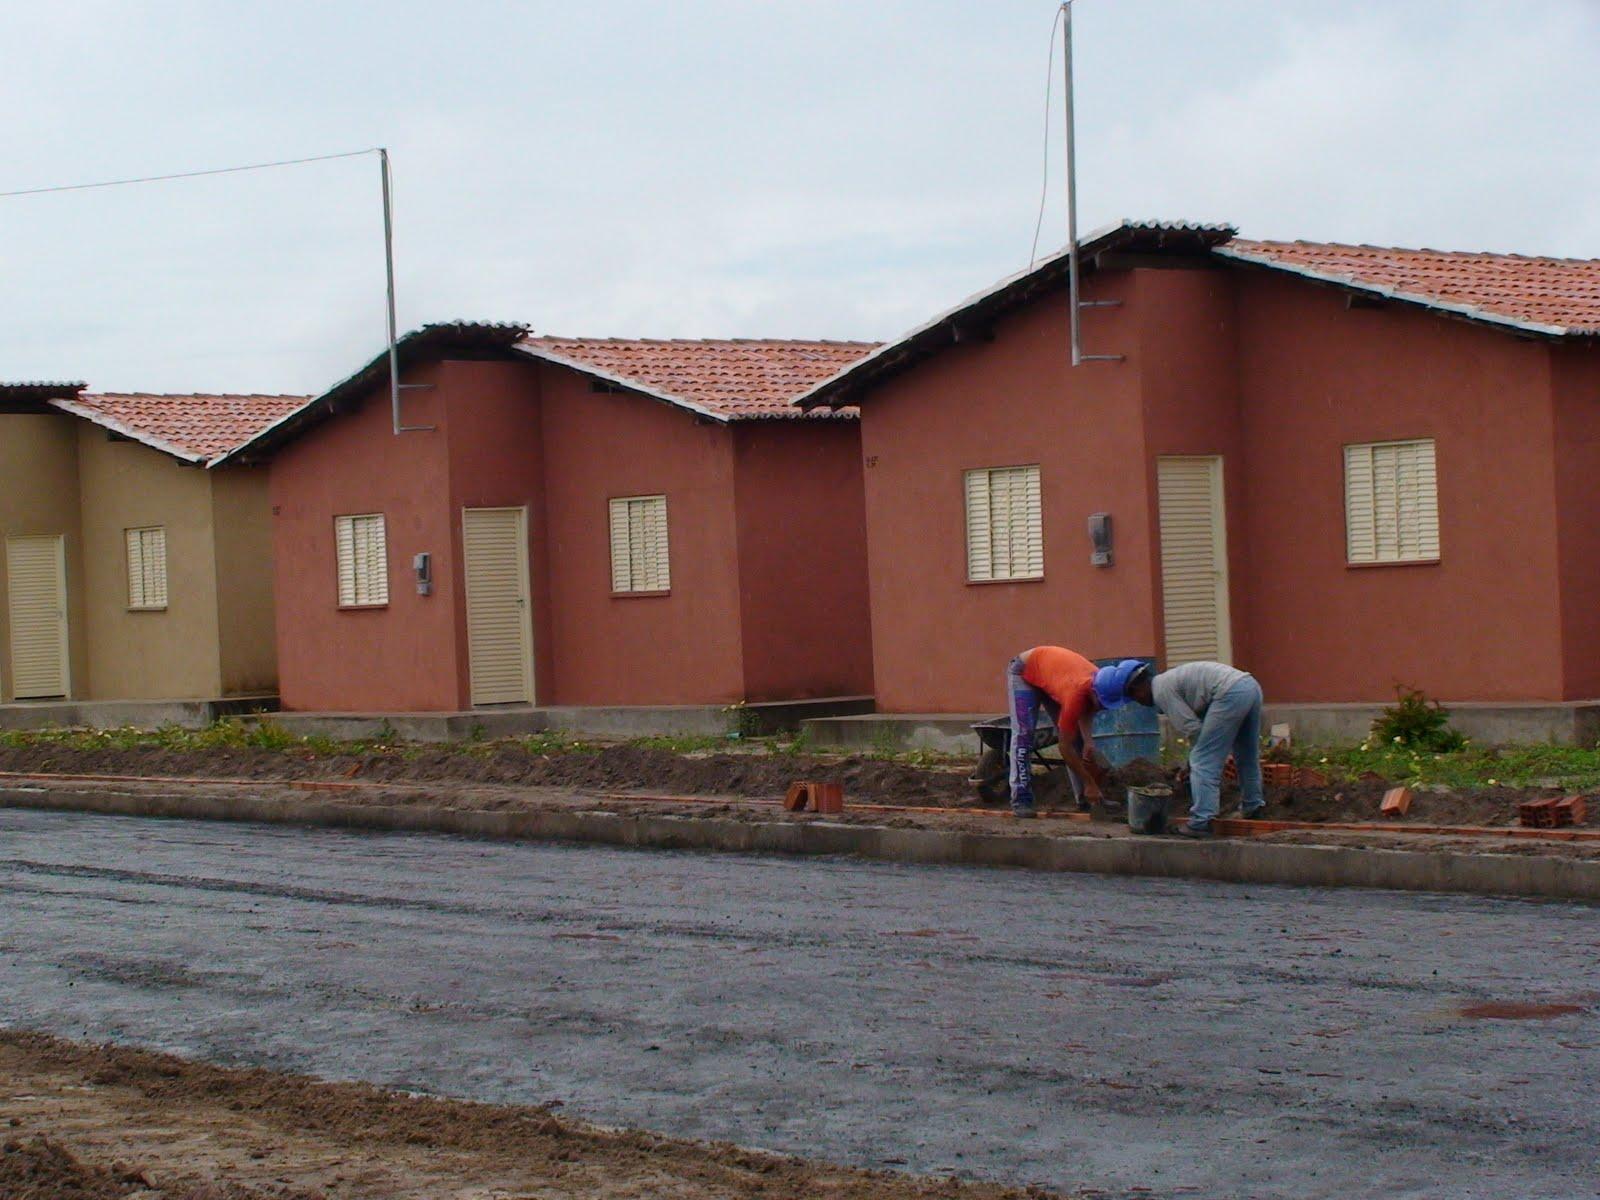 Imagens de #6F4033 Sorteio das residências do programa minha casa minha vida foi  1600x1200 px 3452 Bloco Banheiro Cadeirante